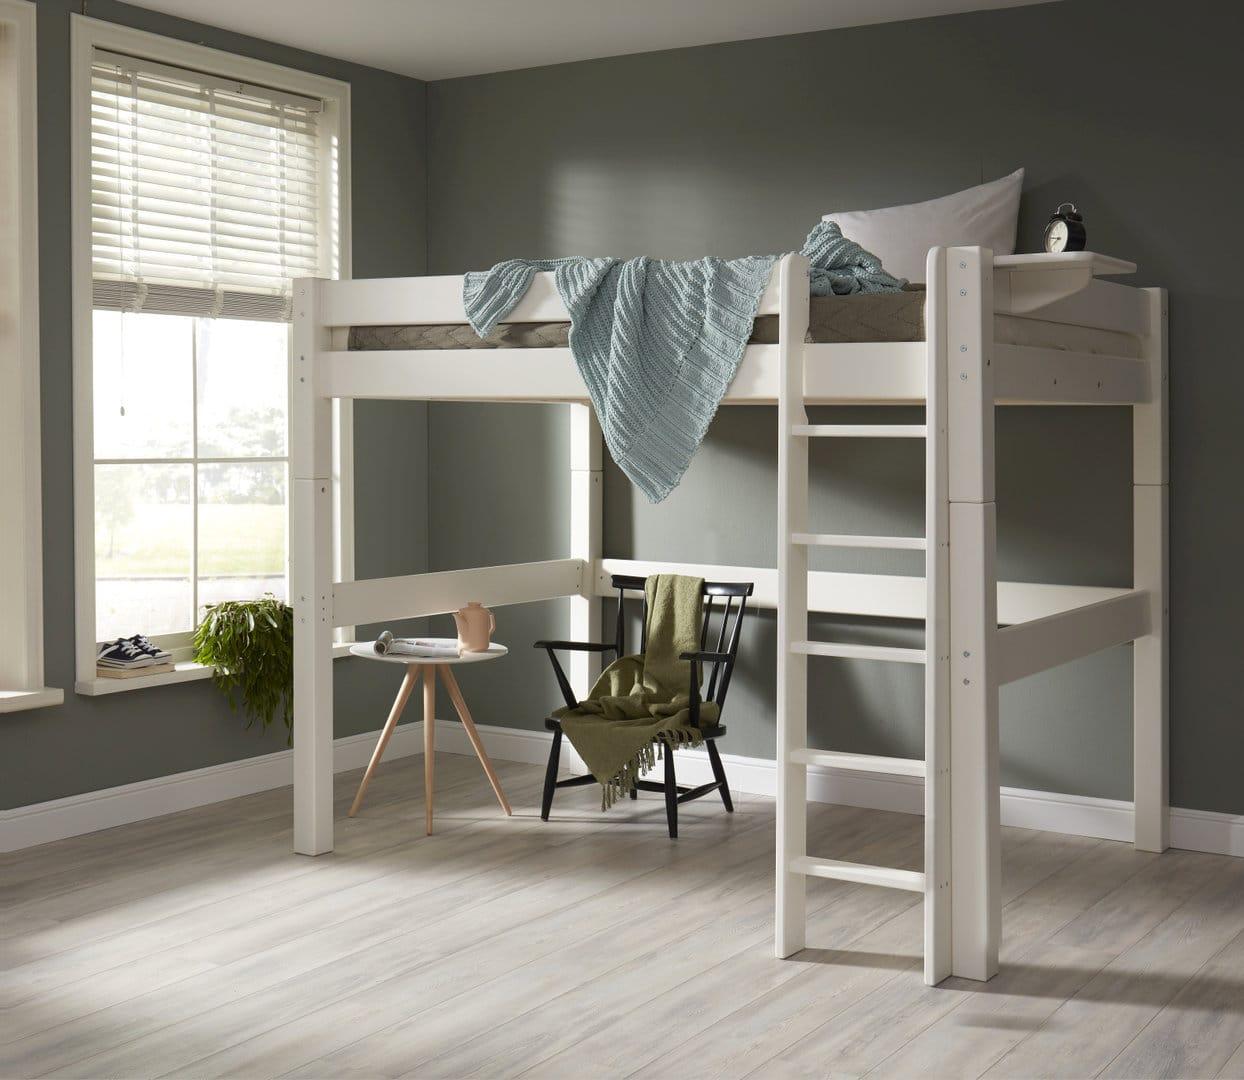 aprovechar el espacio bajo la cama superior en las literas para adultos